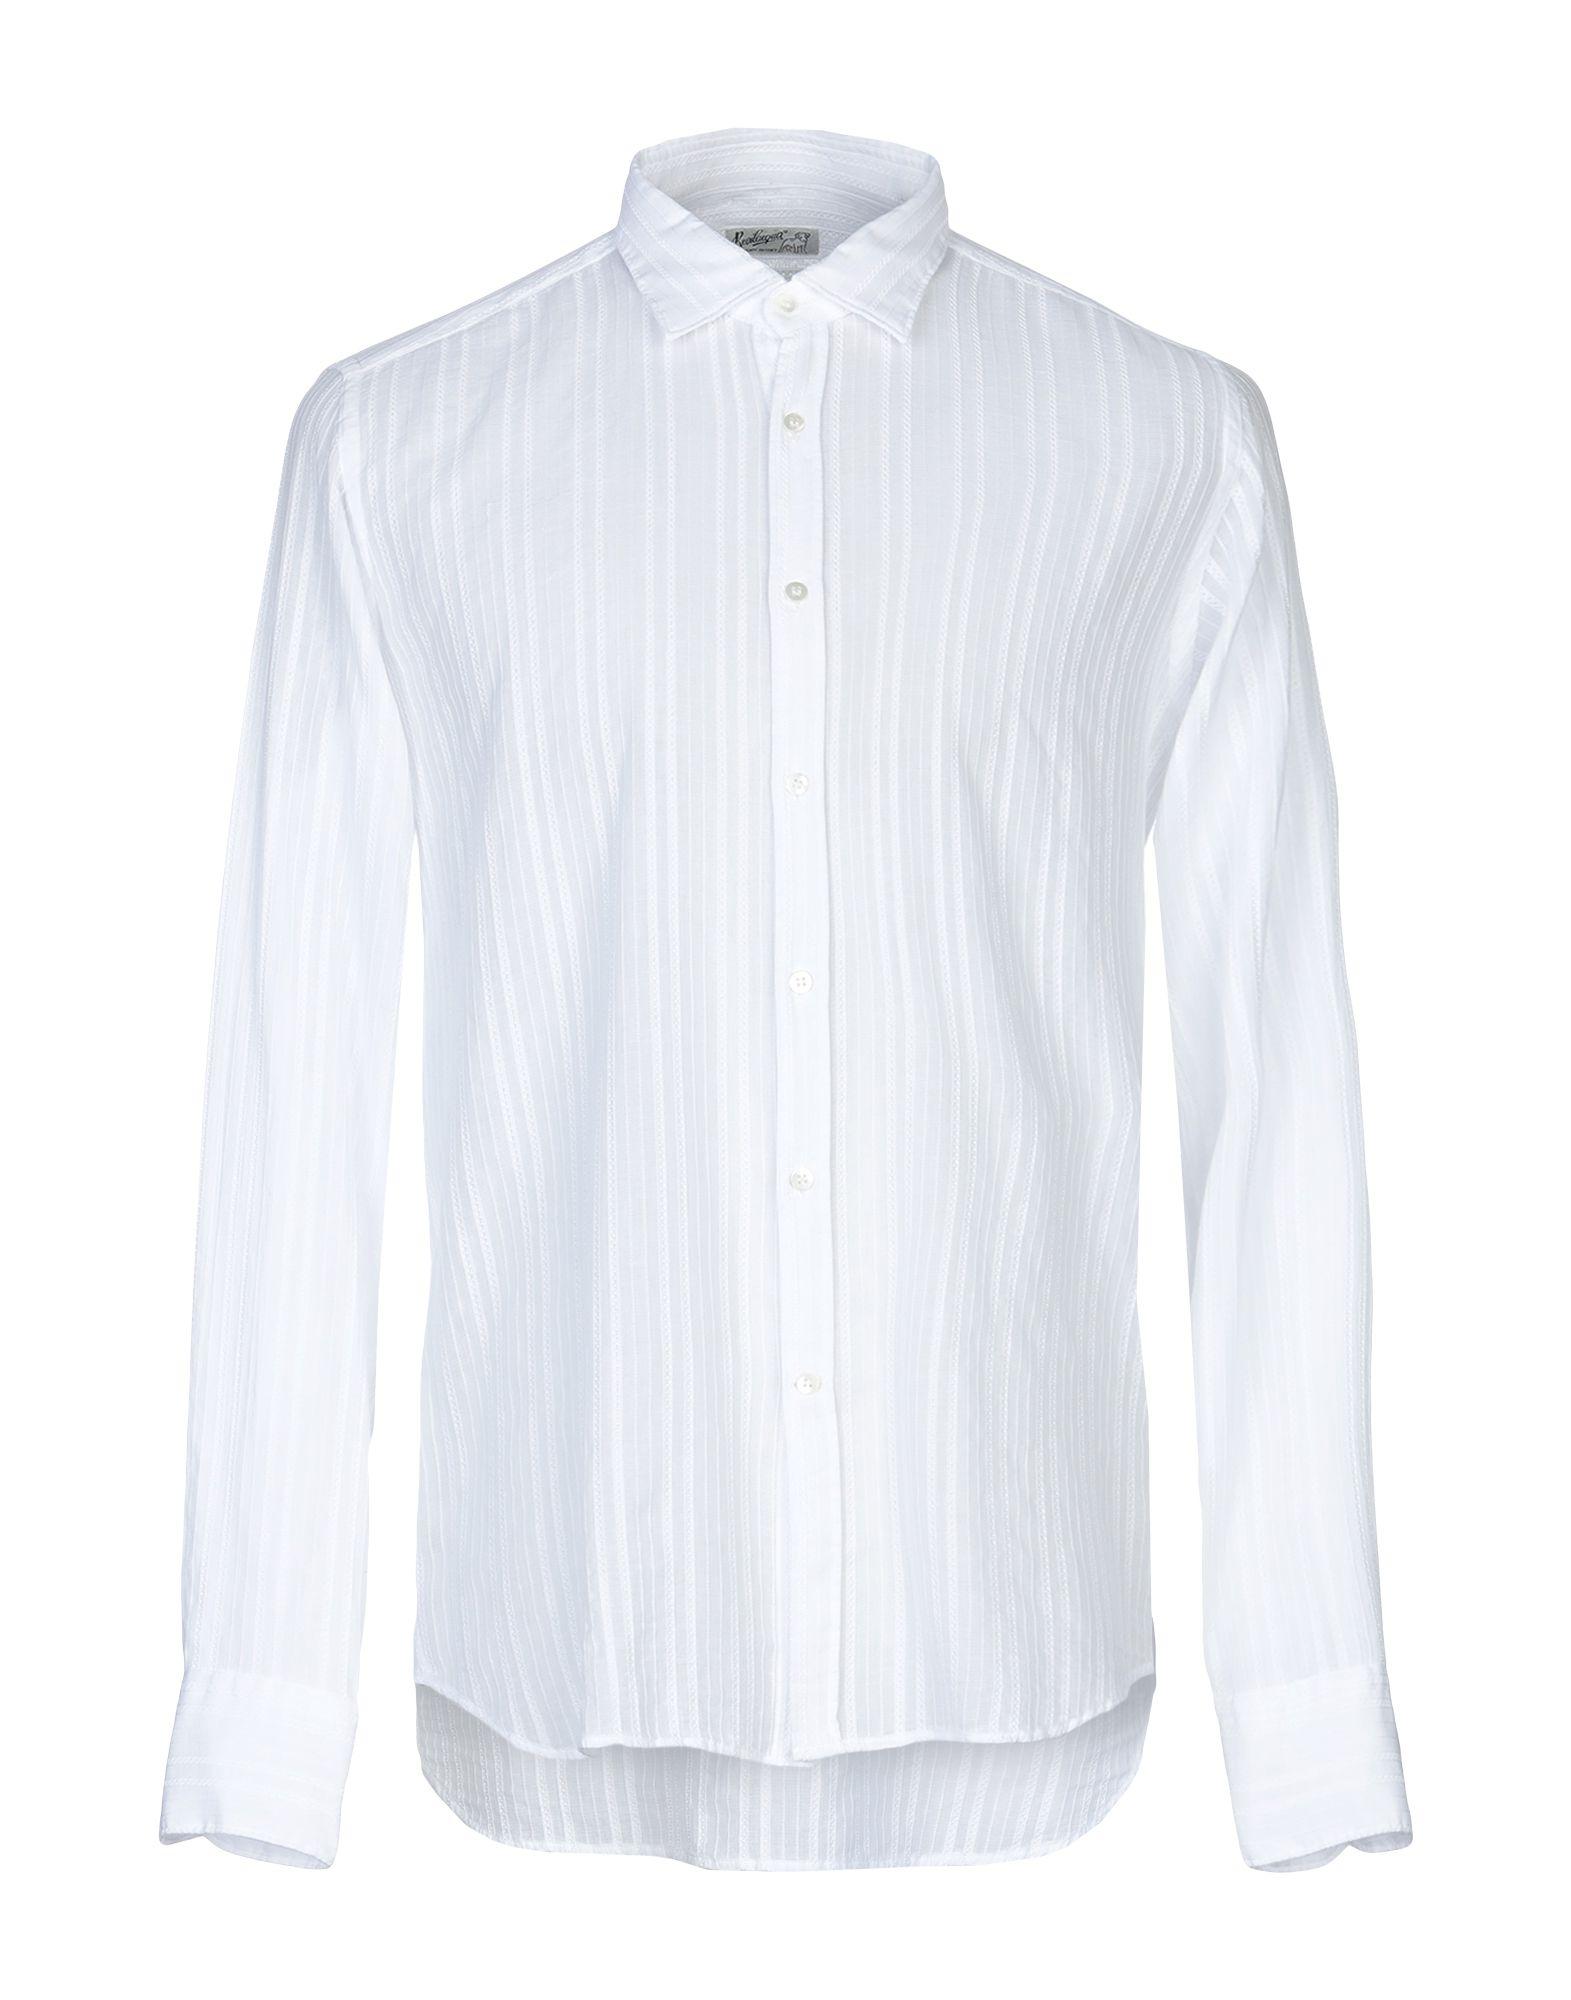 《送料無料》BEVILACQUA メンズ シャツ ホワイト S コットン 100%